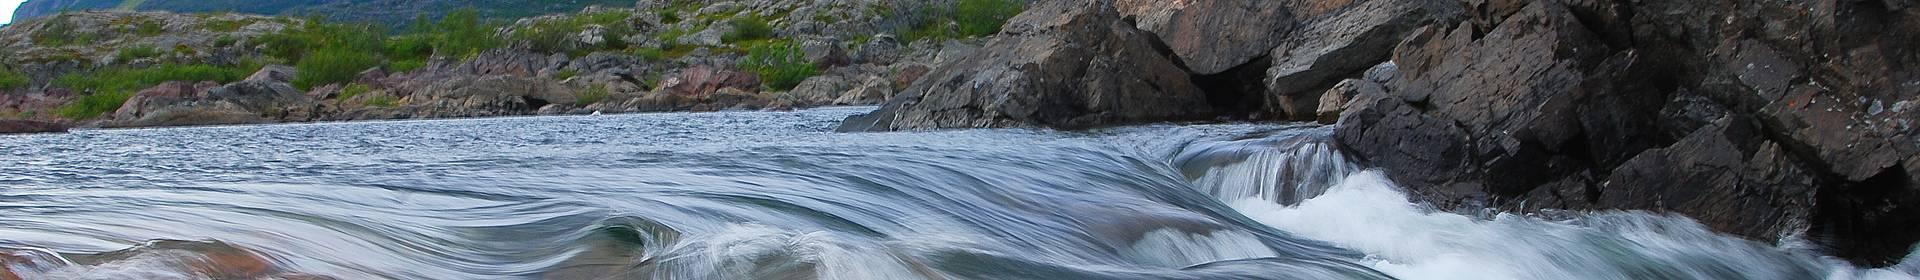 Parc national de Stora Sjöfallet